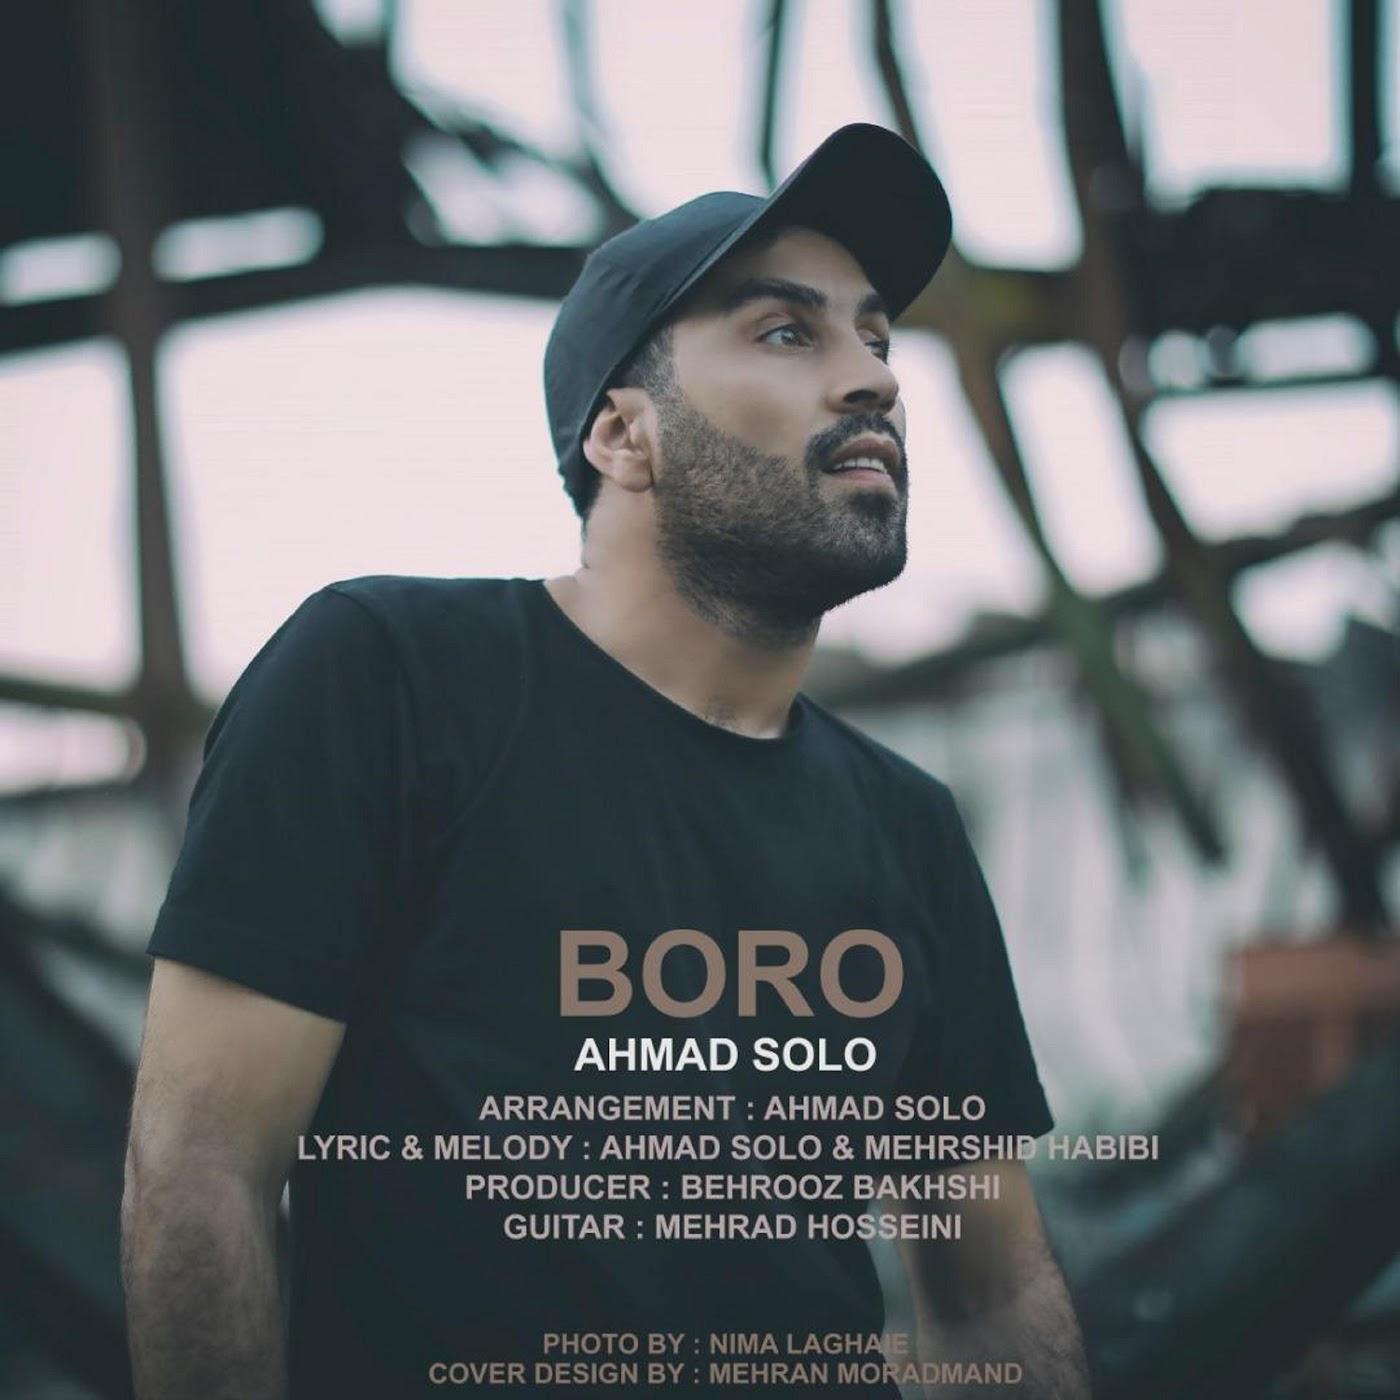 دانلود آهنگ جدید احمد سلو به نام برو